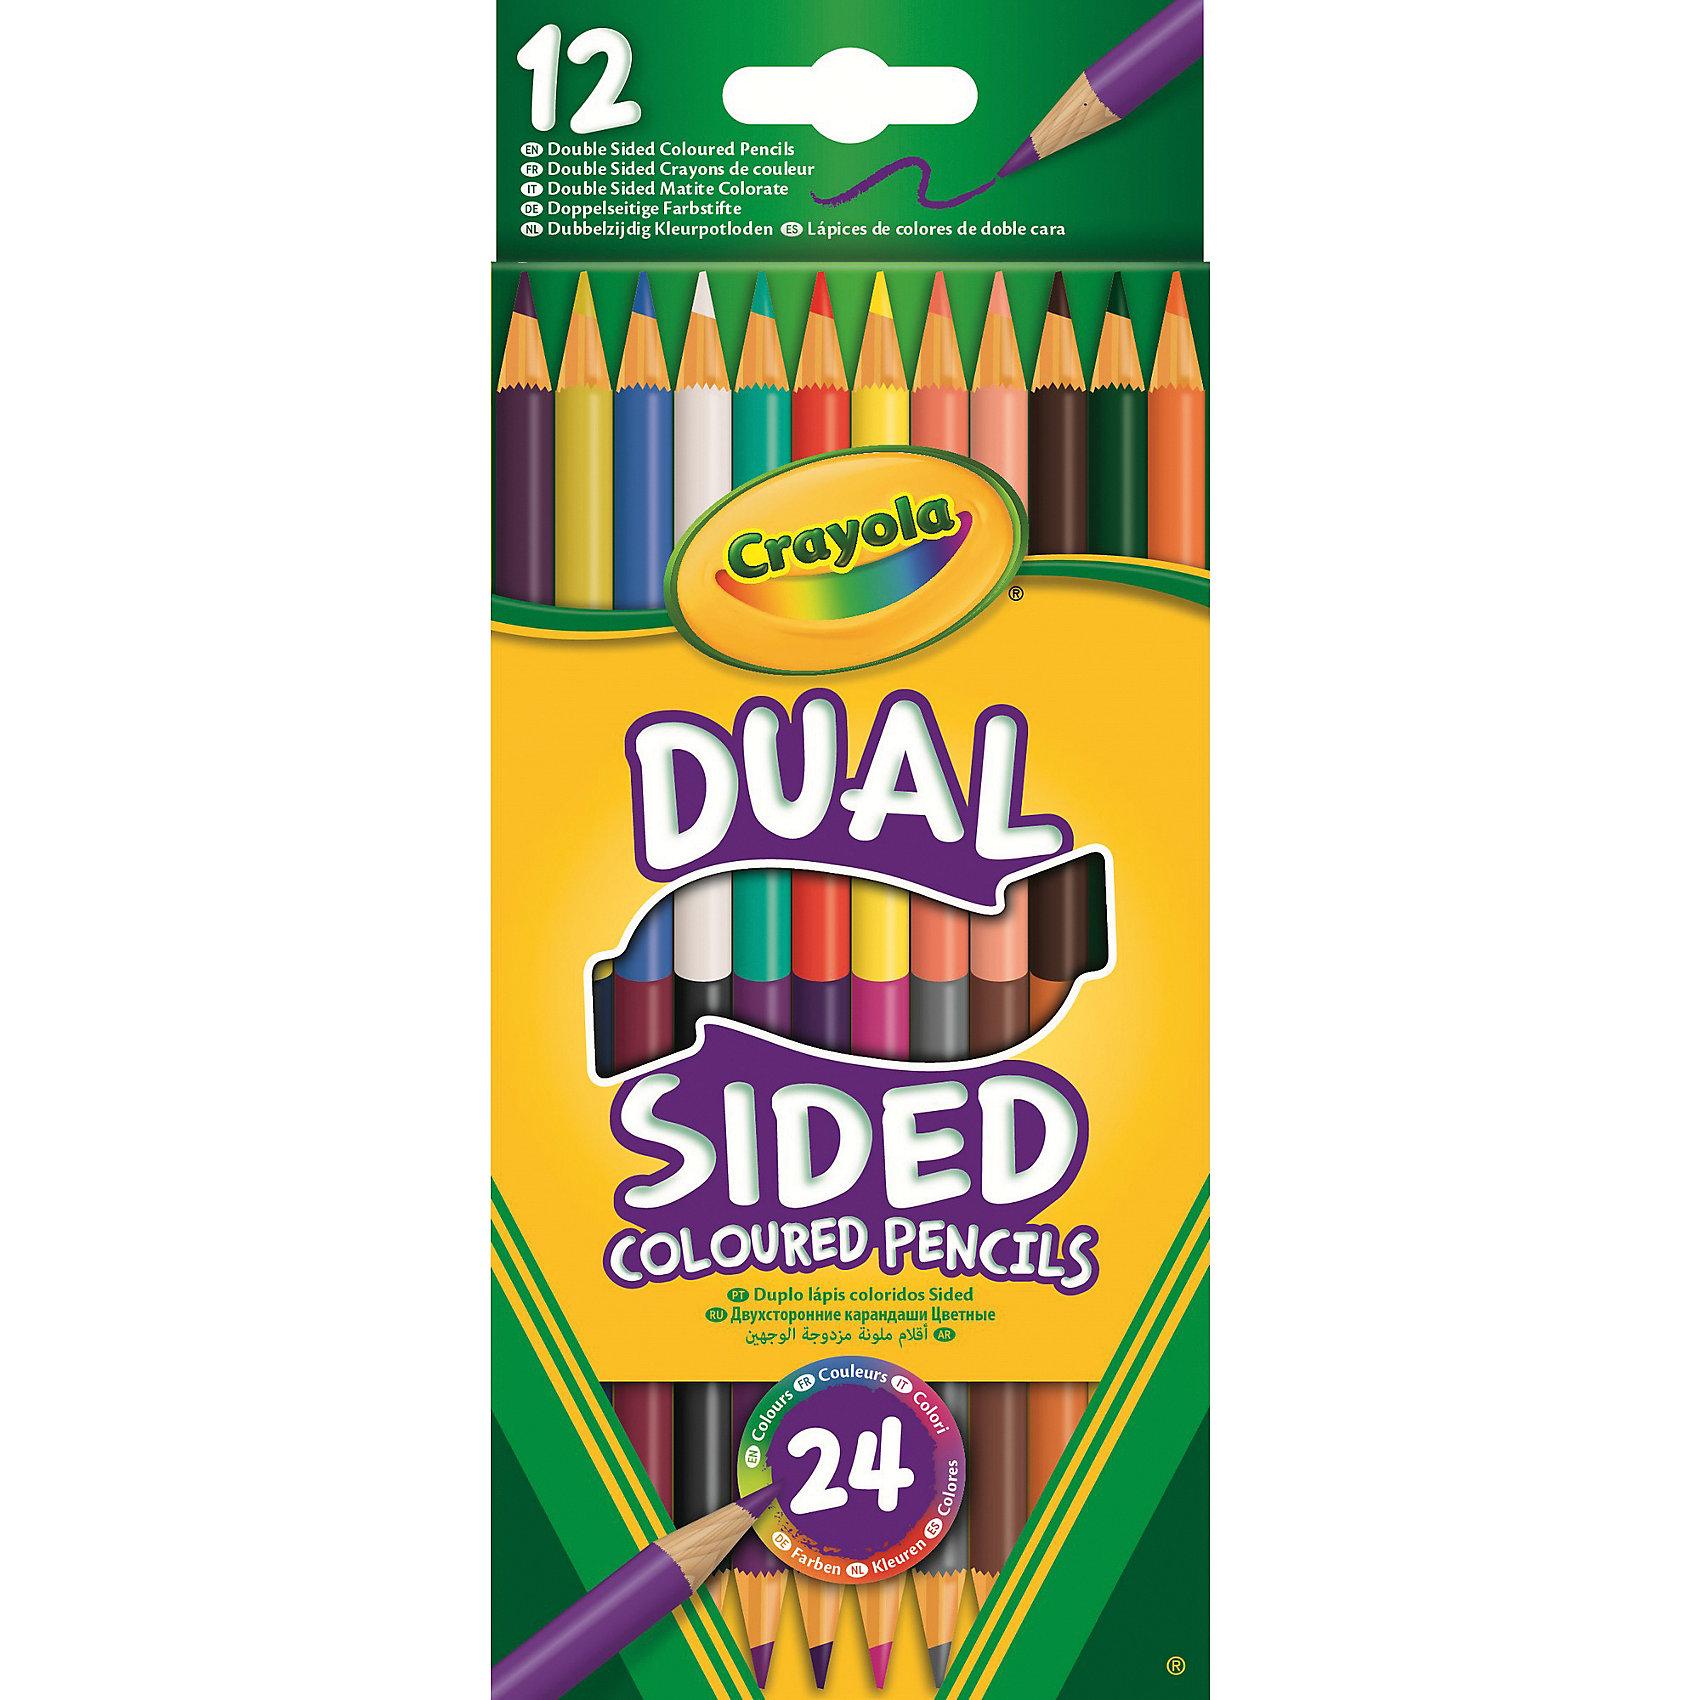 Двухсторонние карандаши, 12 шт., CrayolaРисование<br>Когда дети занимаются творчеством, это всегда чудесно. Ведь подобное занятие дает возможность ребенку проявить свою фантазию и логическое мышление, создавая невероятные рисунки, которые всегда будут радовать его родителей. Предлагаем вам новинку от компании Crayola - 12 двухсторонних карандашей! Эти карандаши невероятно удобны тем, что с каждой стороны они имеют разный цвет! Карандаши располагаются в красочной упаковке из плотного картона. Коробка с карандашами достаточно компактна, поэтому сможет составить компанию ребенку в любом путешествии, чтобы он смог делать рисунки где ему только захочется. <br>Карандаши выполнены из безопасного для детей материала очень высокого качества, поэтому они послужат ребенку очень долго.<br><br>Ширина мм: 90<br>Глубина мм: 8<br>Высота мм: 213<br>Вес г: 20<br>Возраст от месяцев: 36<br>Возраст до месяцев: 2147483647<br>Пол: Унисекс<br>Возраст: Детский<br>SKU: 5574412